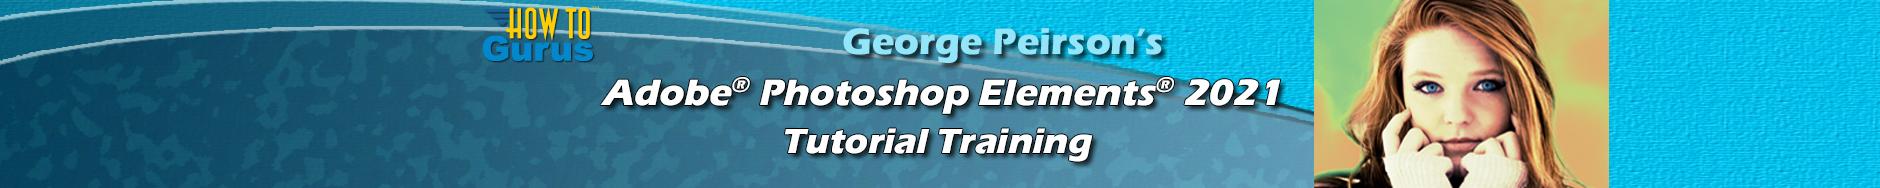 Photoshop Elements 2021 Training